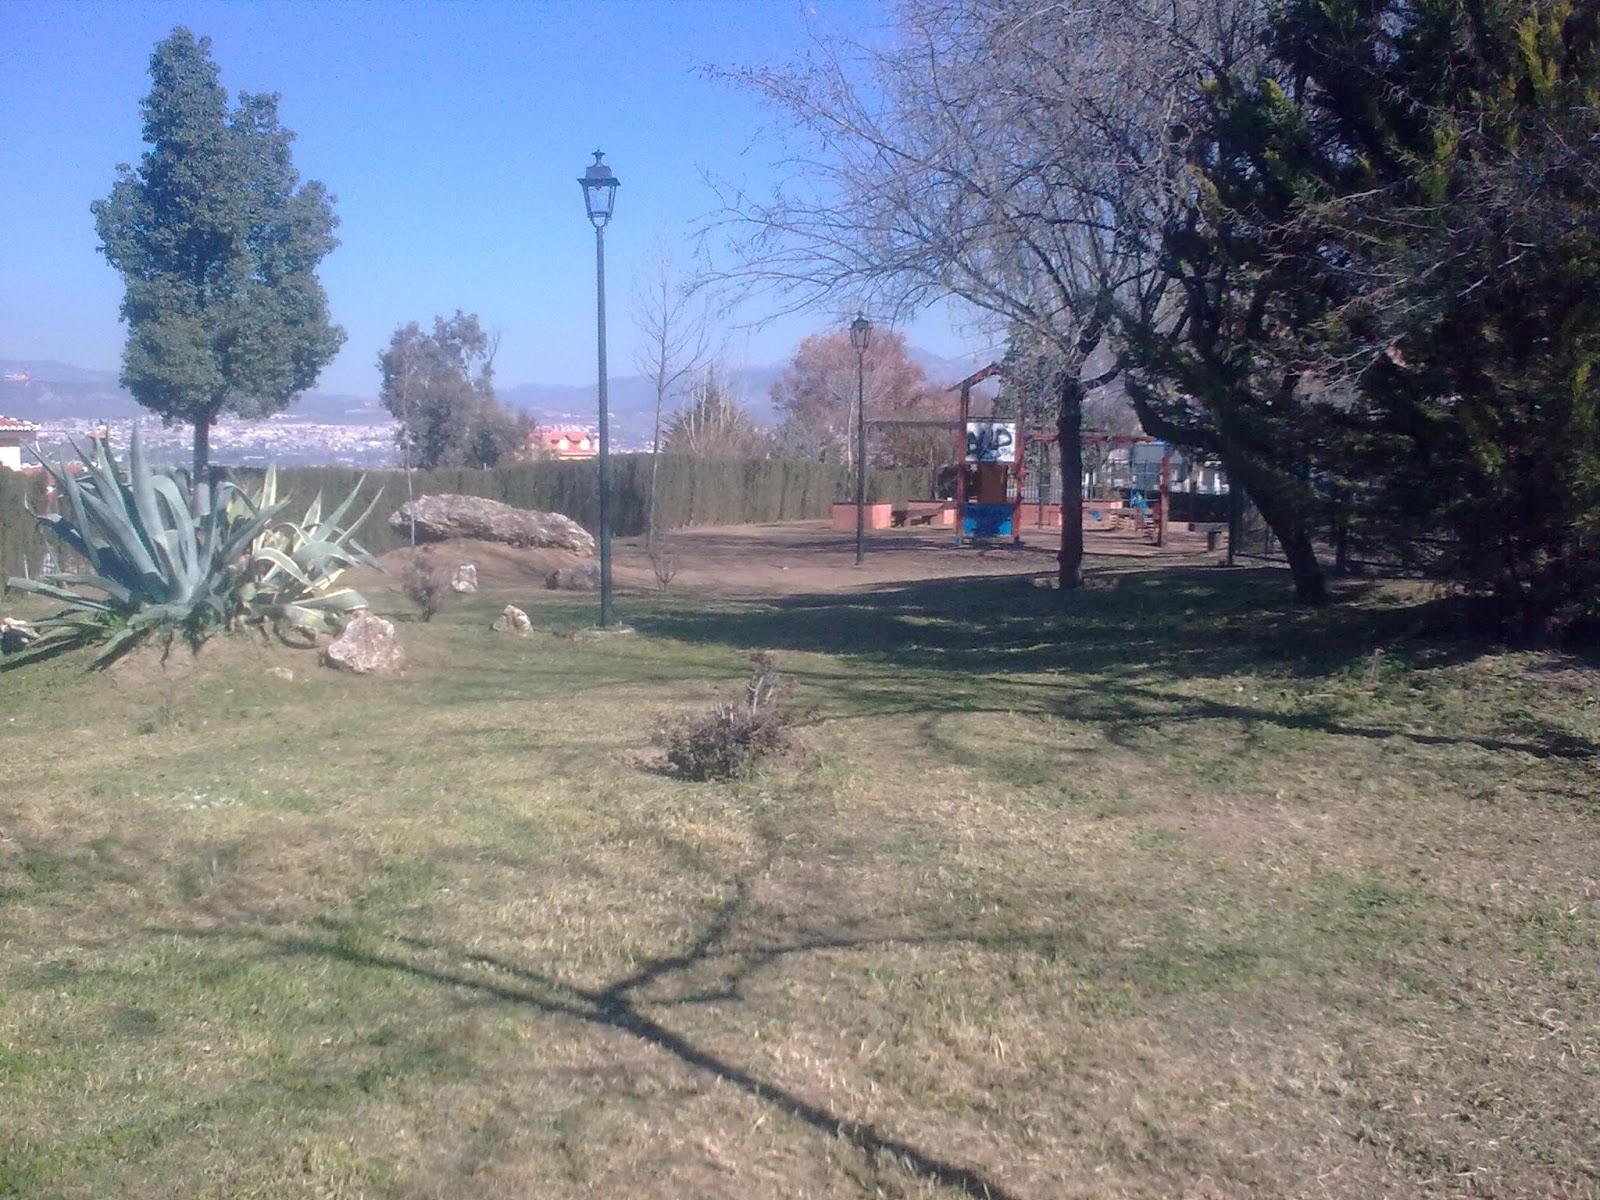 Parques y jardines de ogijares arreglo y limpieza parque for Arreglos de parques y jardines